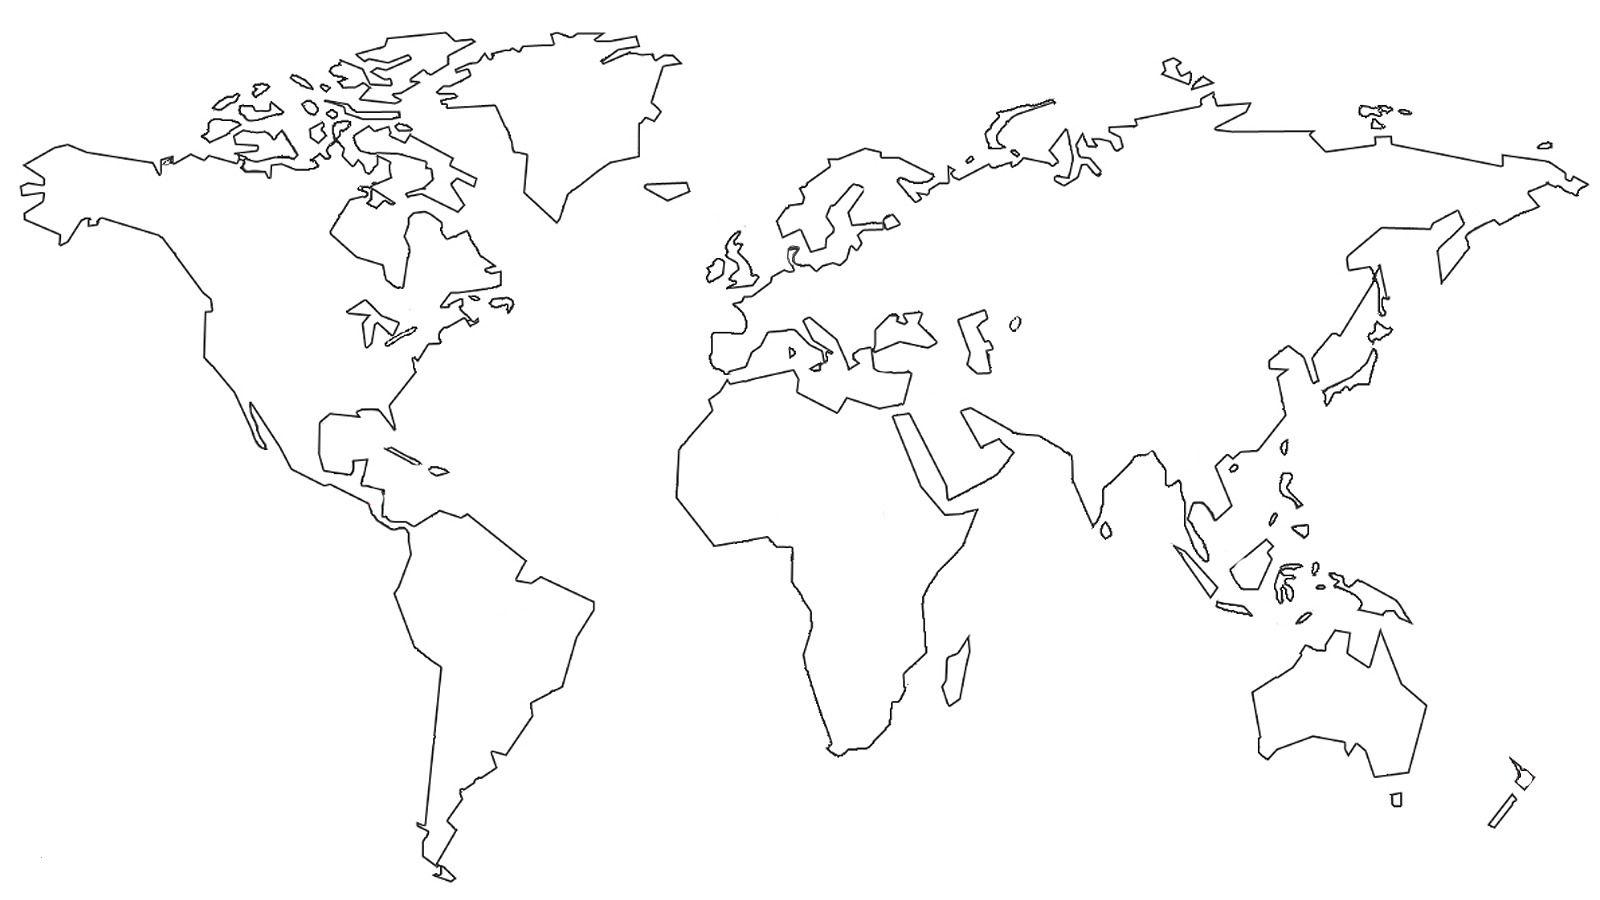 Ausmalbilder Weltkarte Best Of Weltkarte Schwarz Weiß verwandt mit Weltkarte Ausmalen